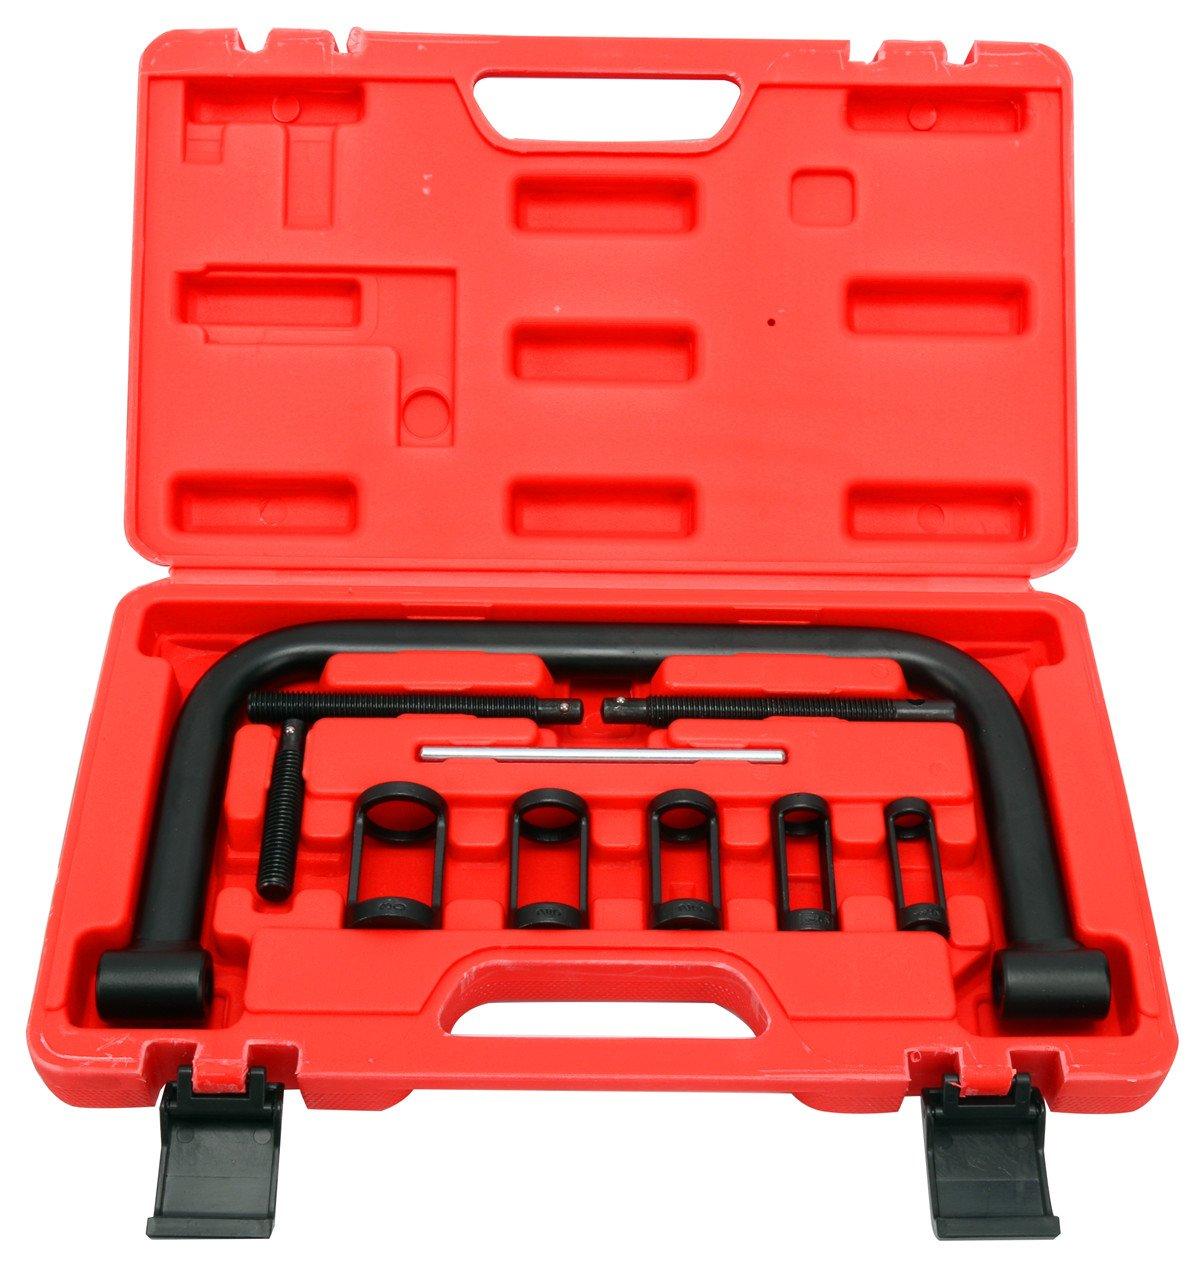 FreeTec, compressore per molle della valvola, set di attrezzi per il montaggio freebirdtrading